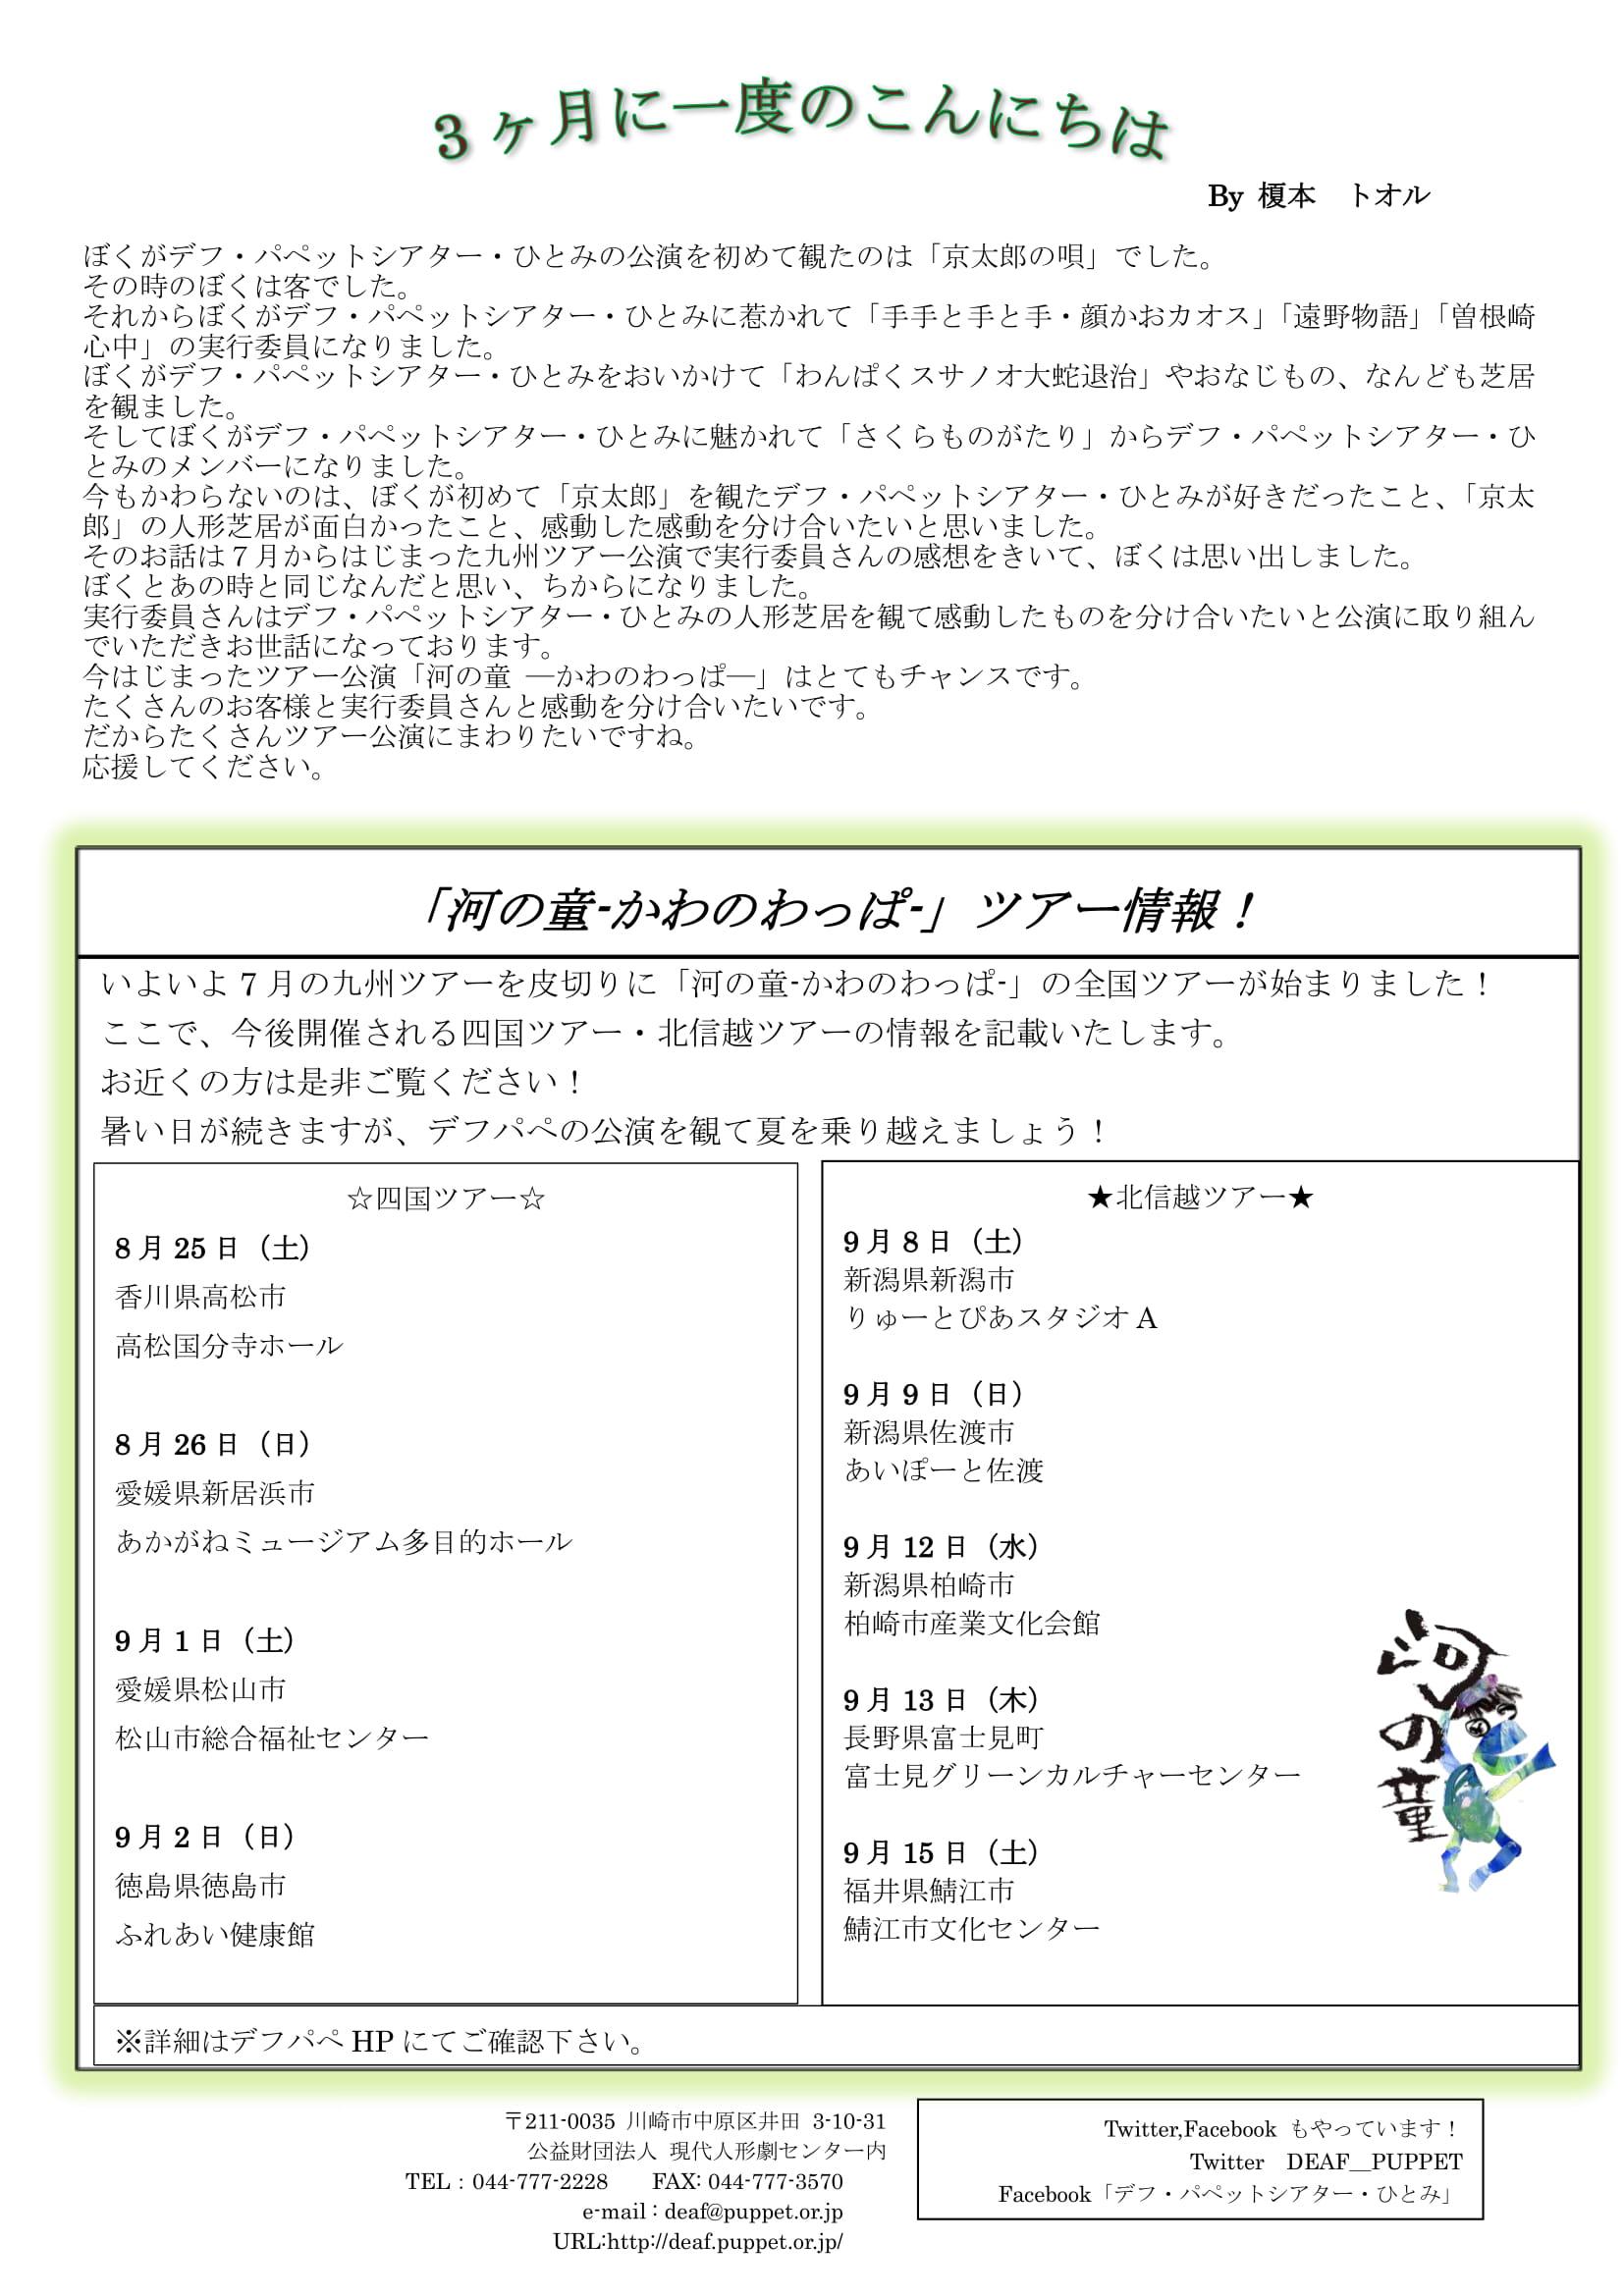 デフニュース128編集中 0802-2.jpg